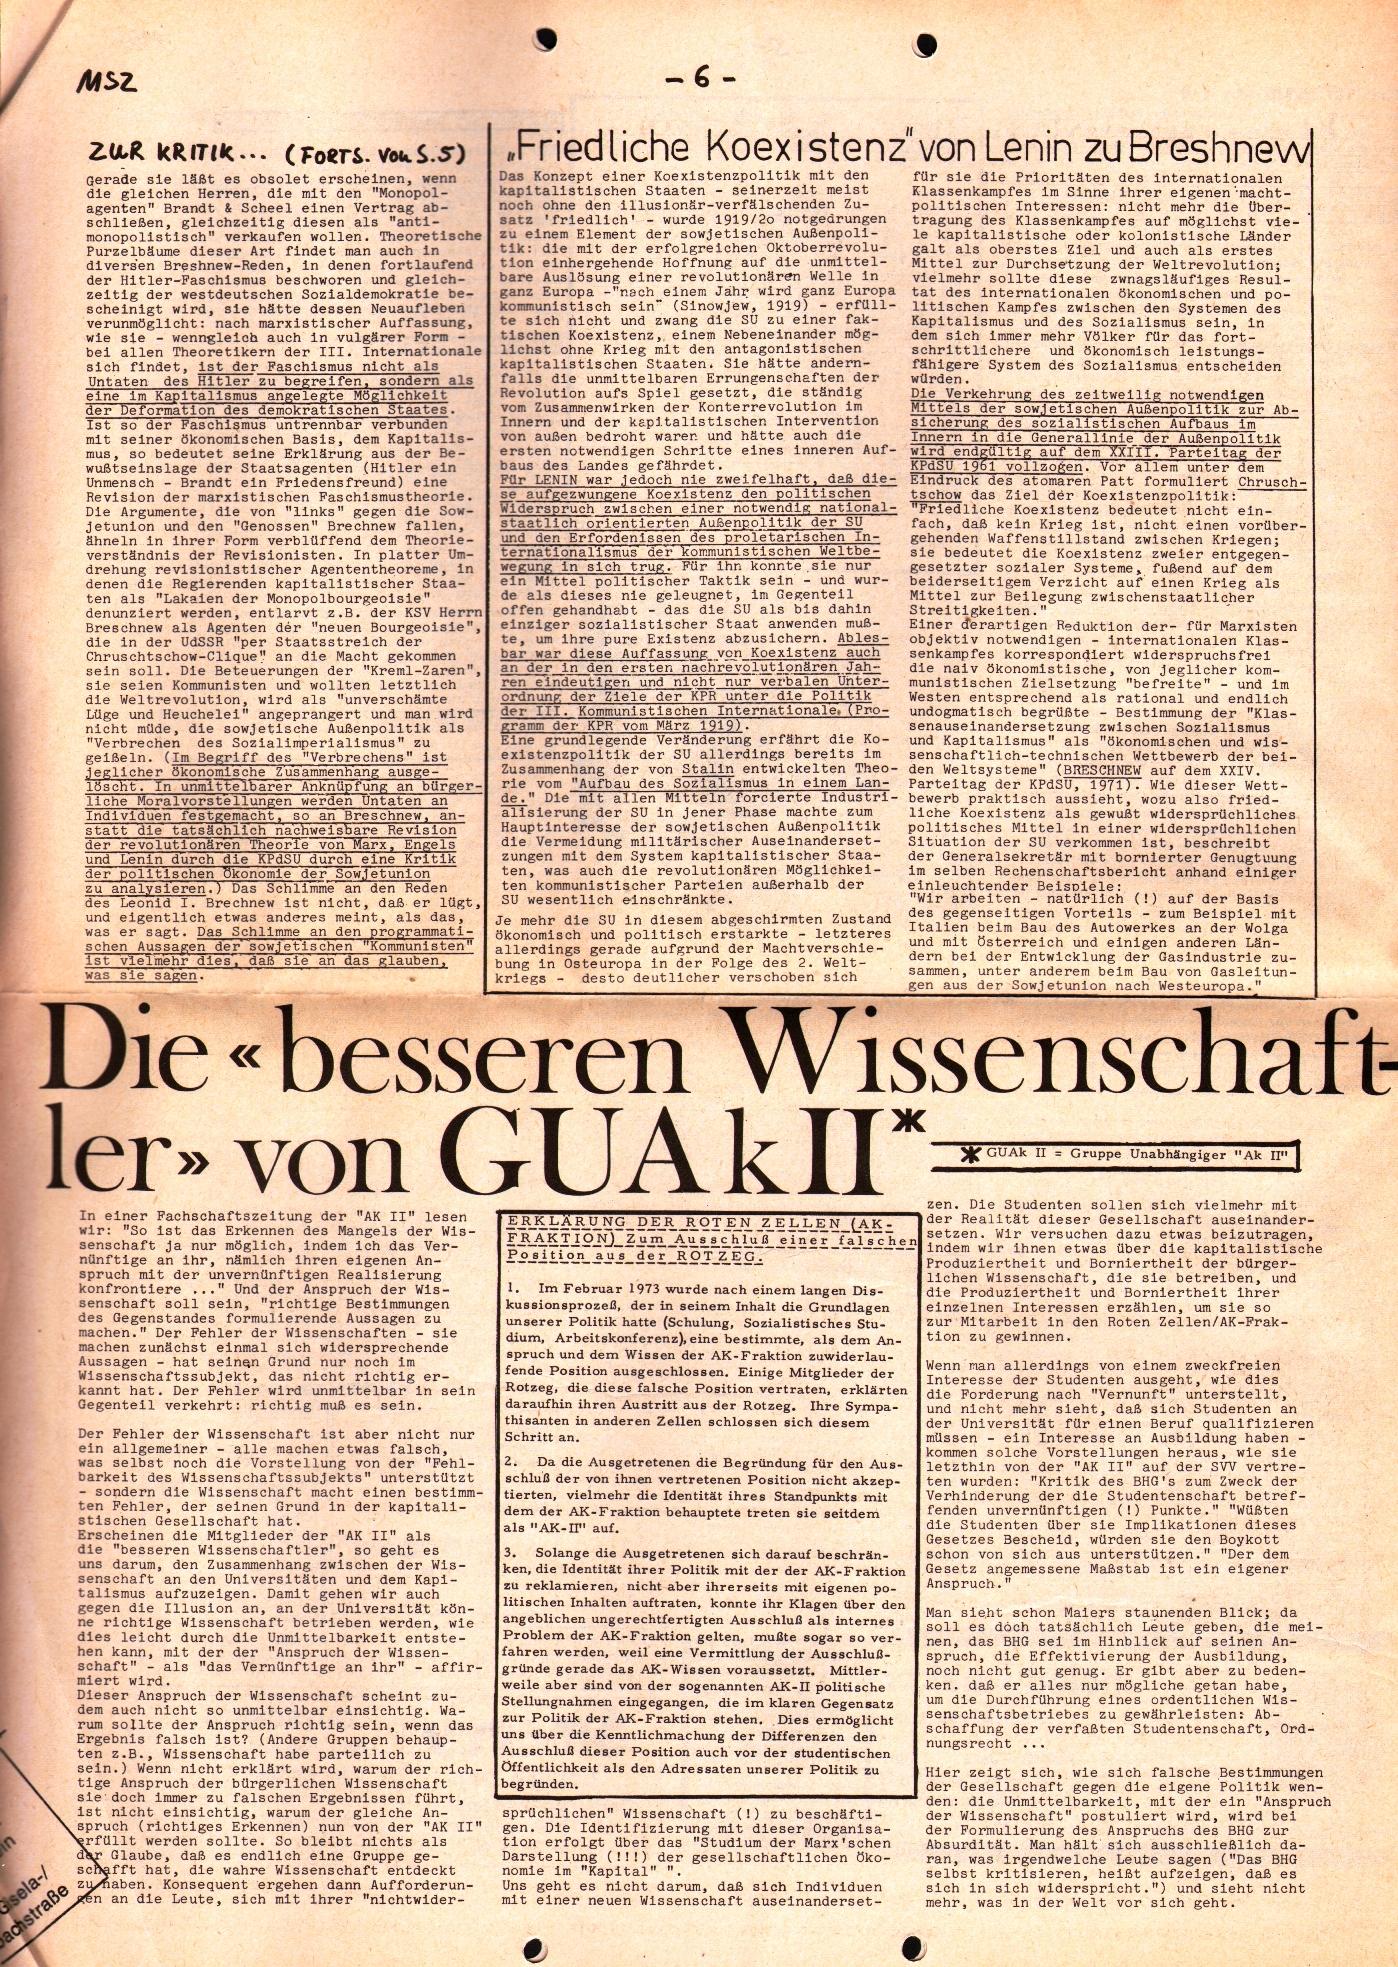 Muenchen_MSZ033